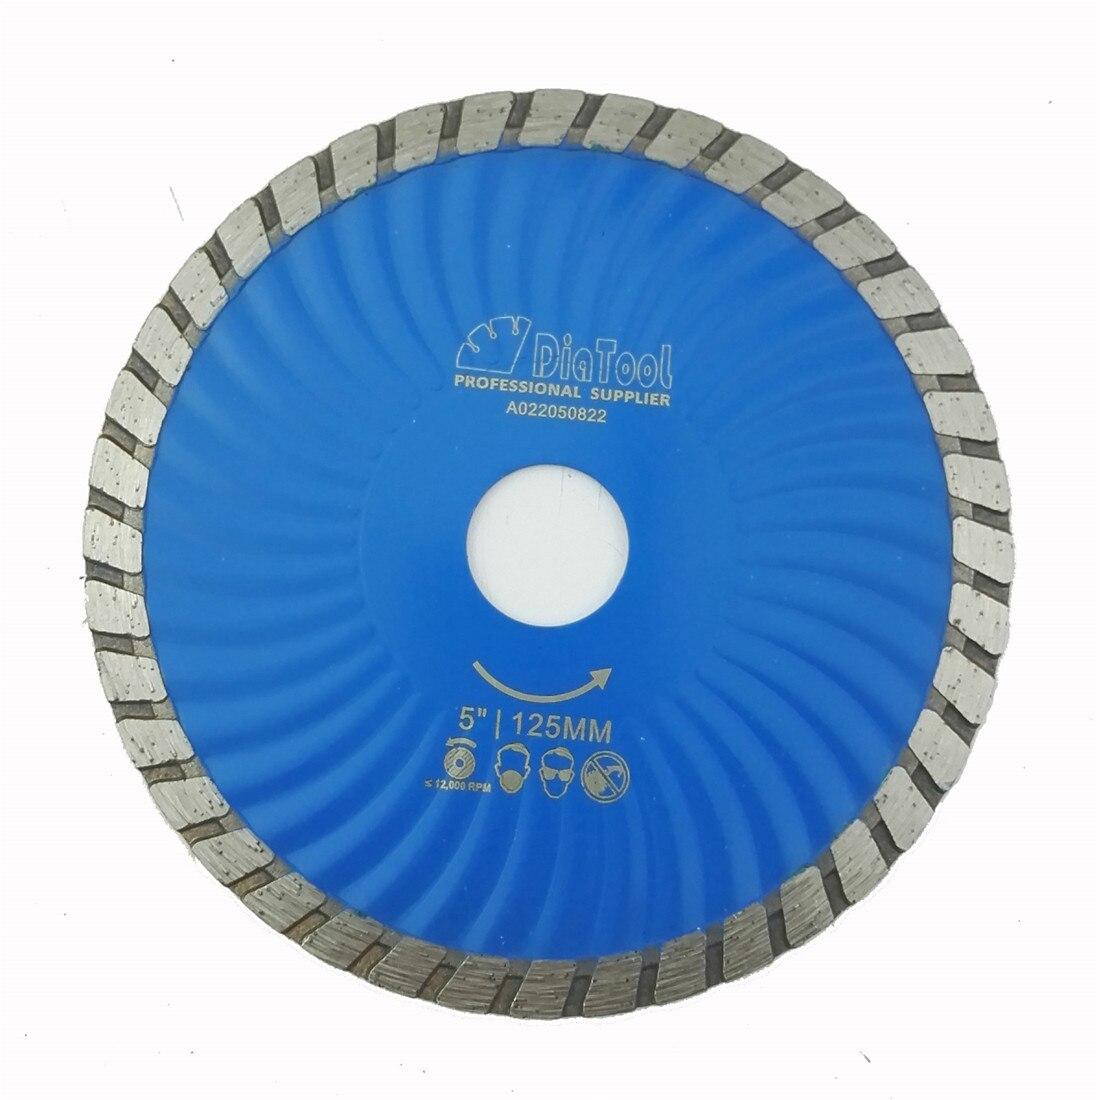 DIATOOL Diameter 125mm Hot Pressed Diamond Waved Turbo Blade 5